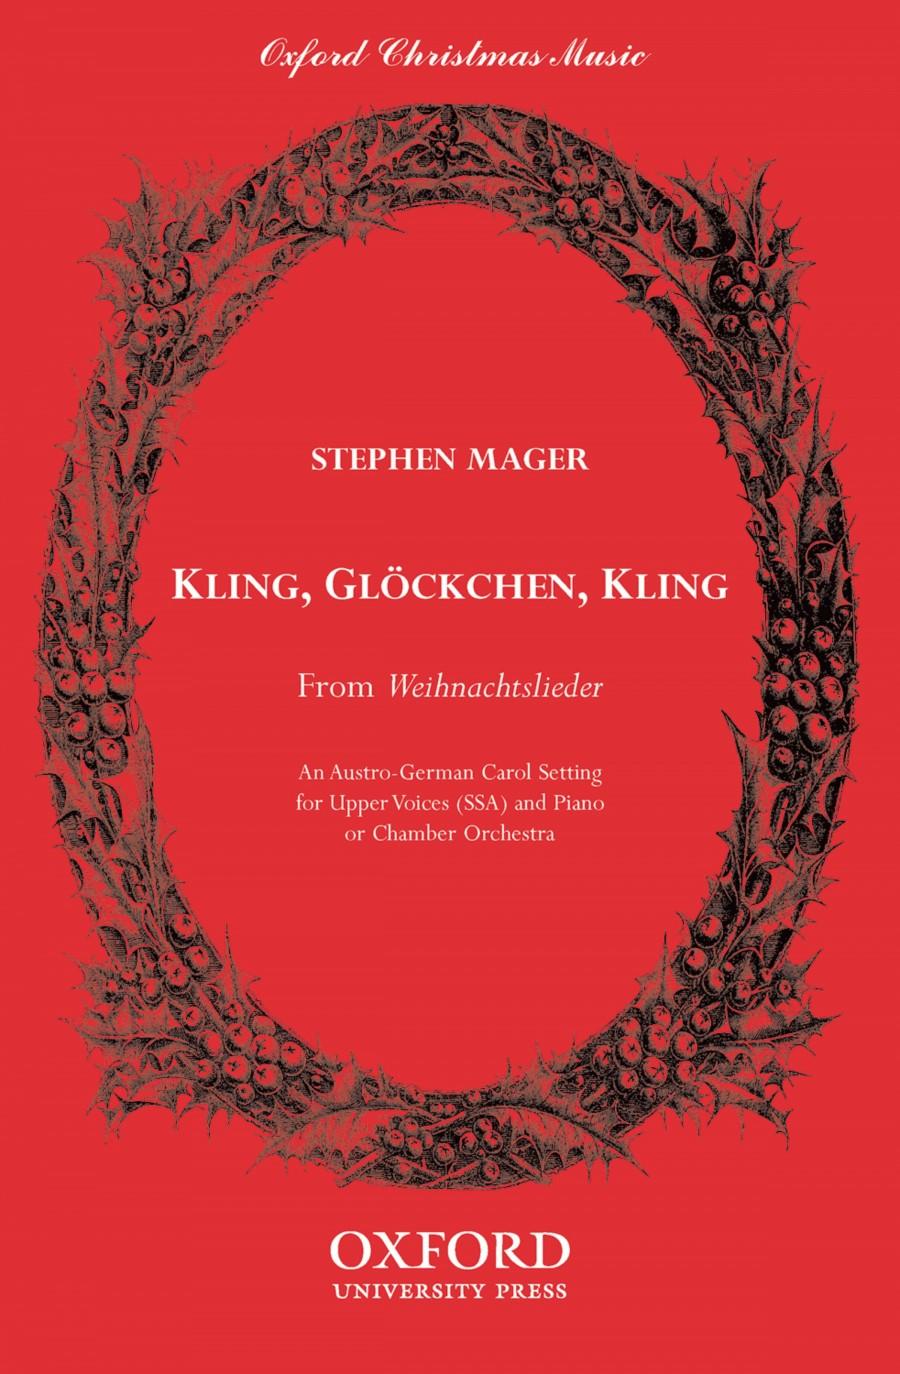 Cool Kling Glöckchen Galerie Von Mager: Kling, Glöckchen, Product Image